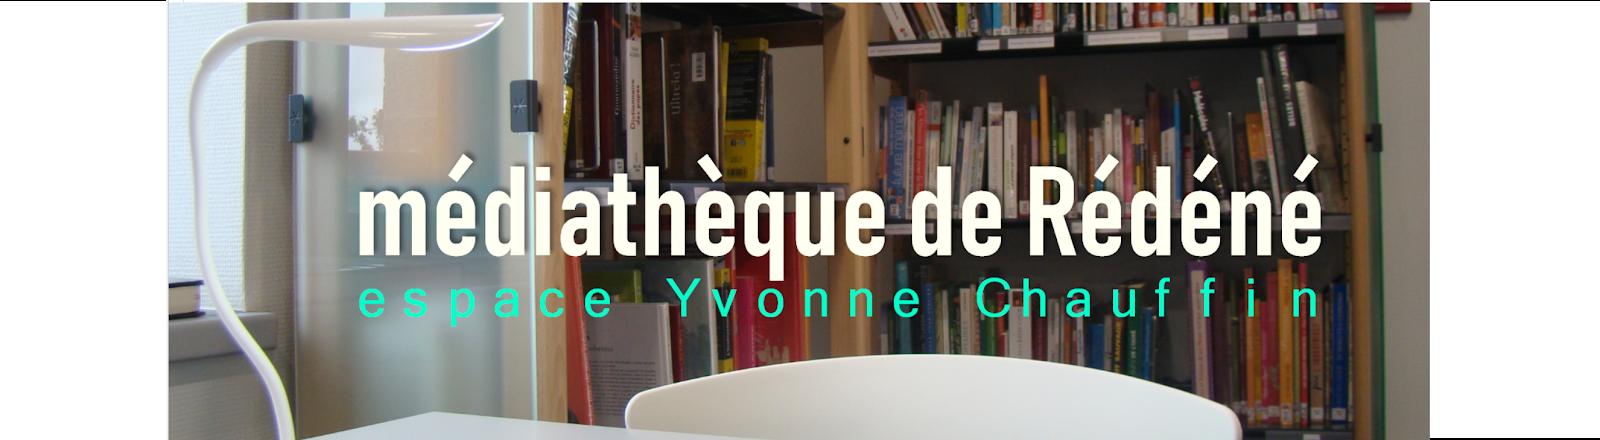 Médiathèque De Rédéné Espace Yvonne Chauffin